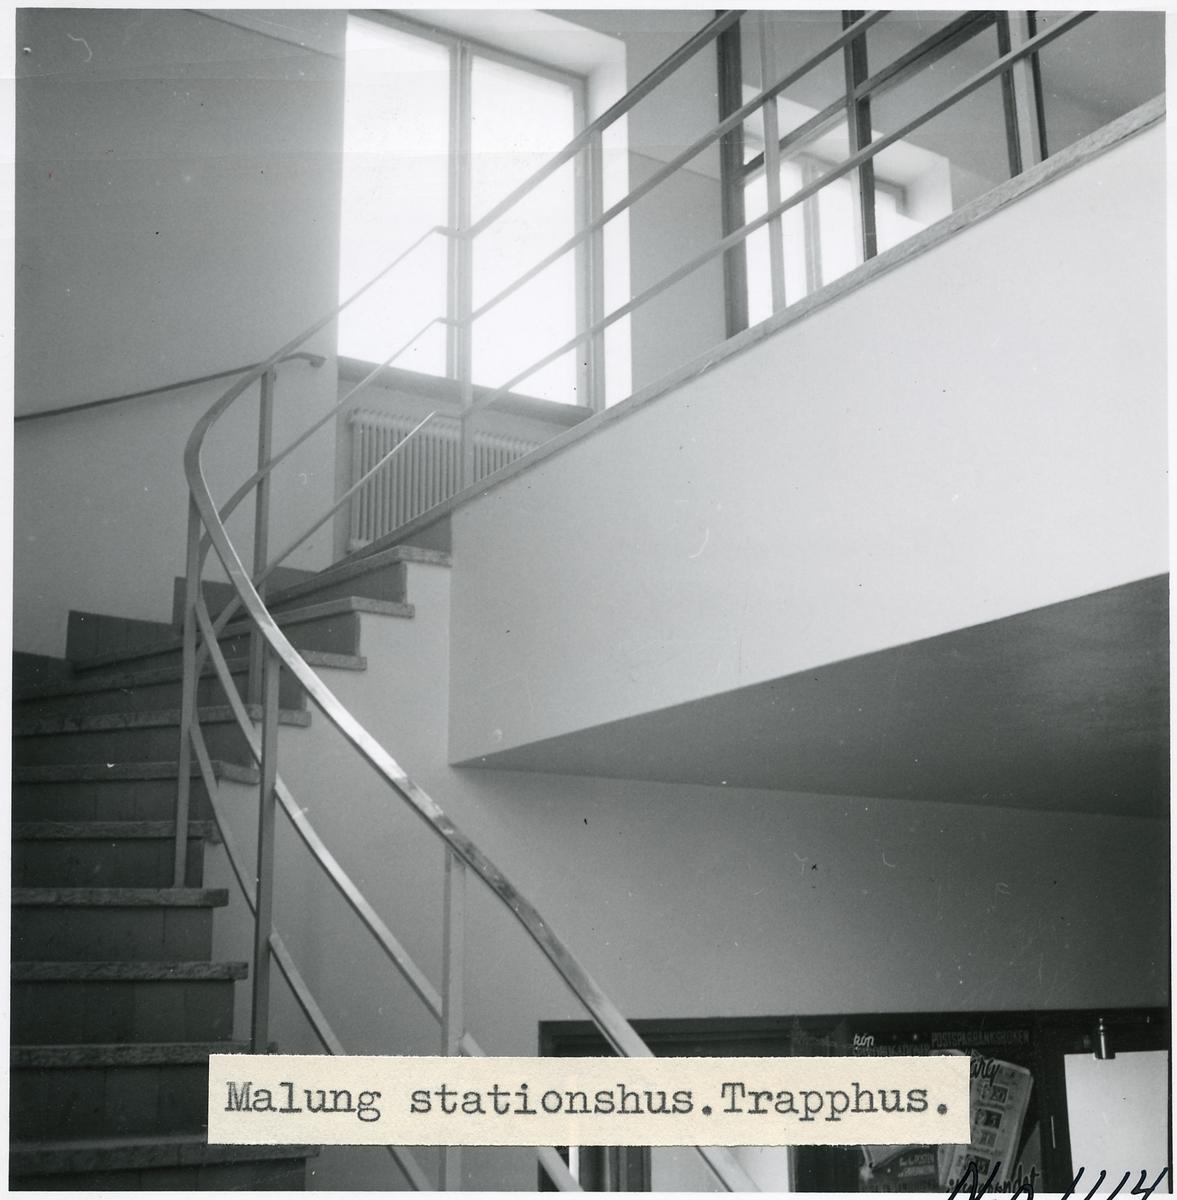 Interiör från Malung stationshus.